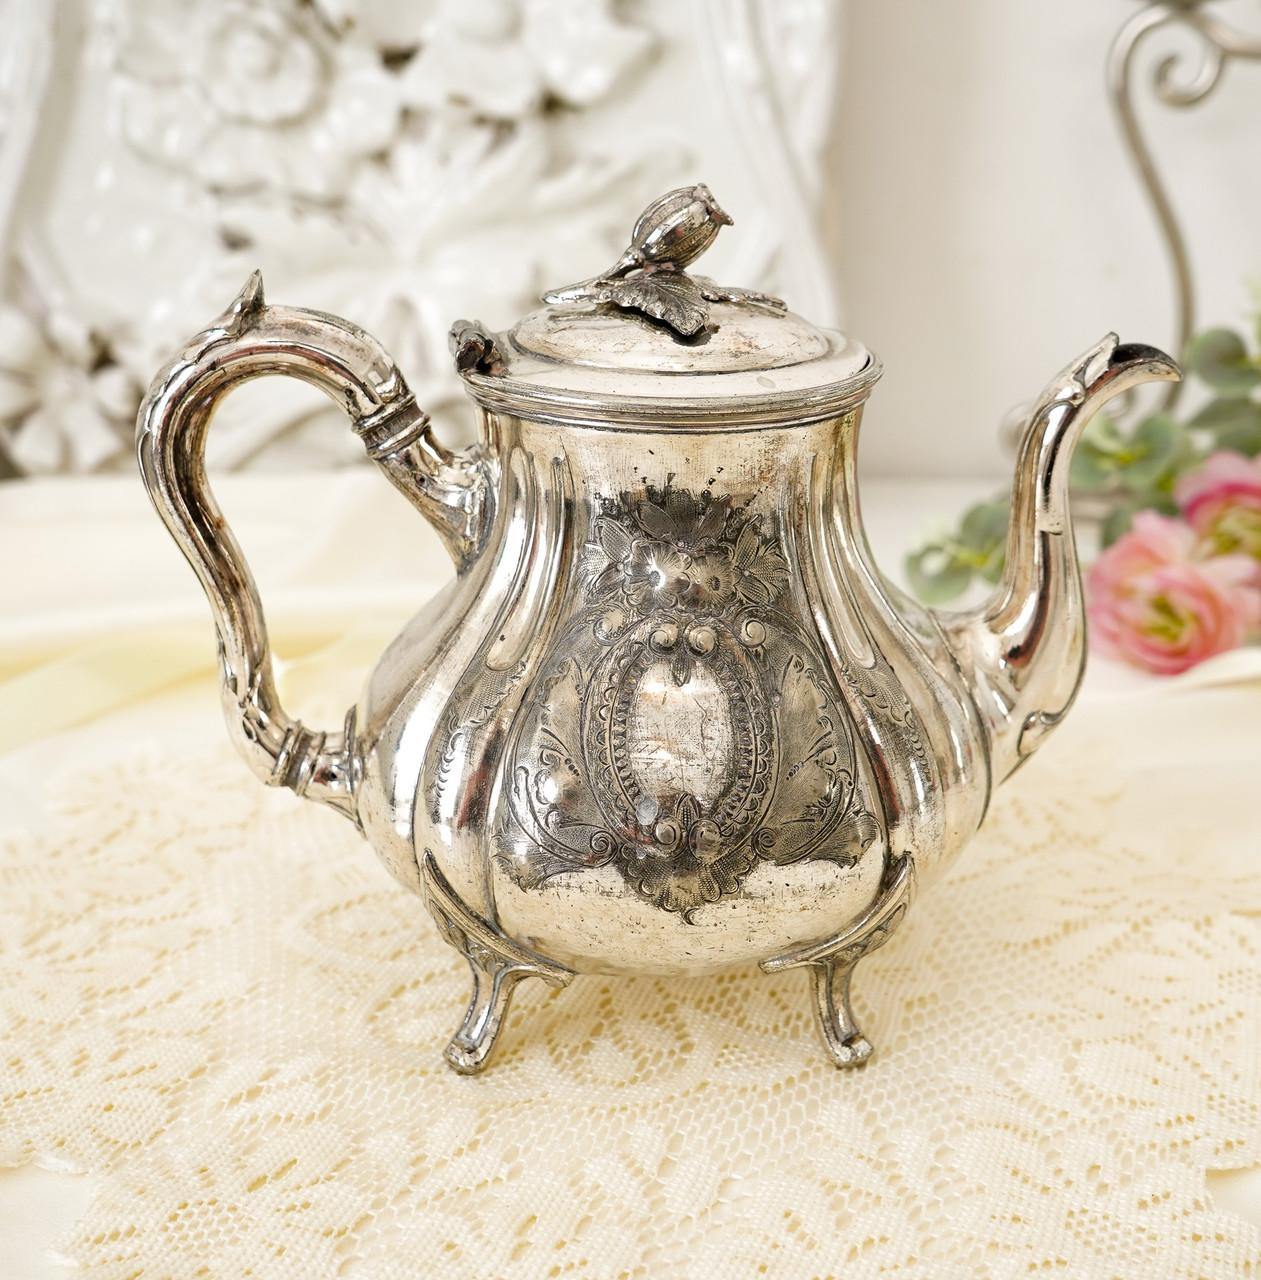 Посріблений англійська заварювальний чайник, сріблення, мельхіор, GRAYSON & SON, Англія